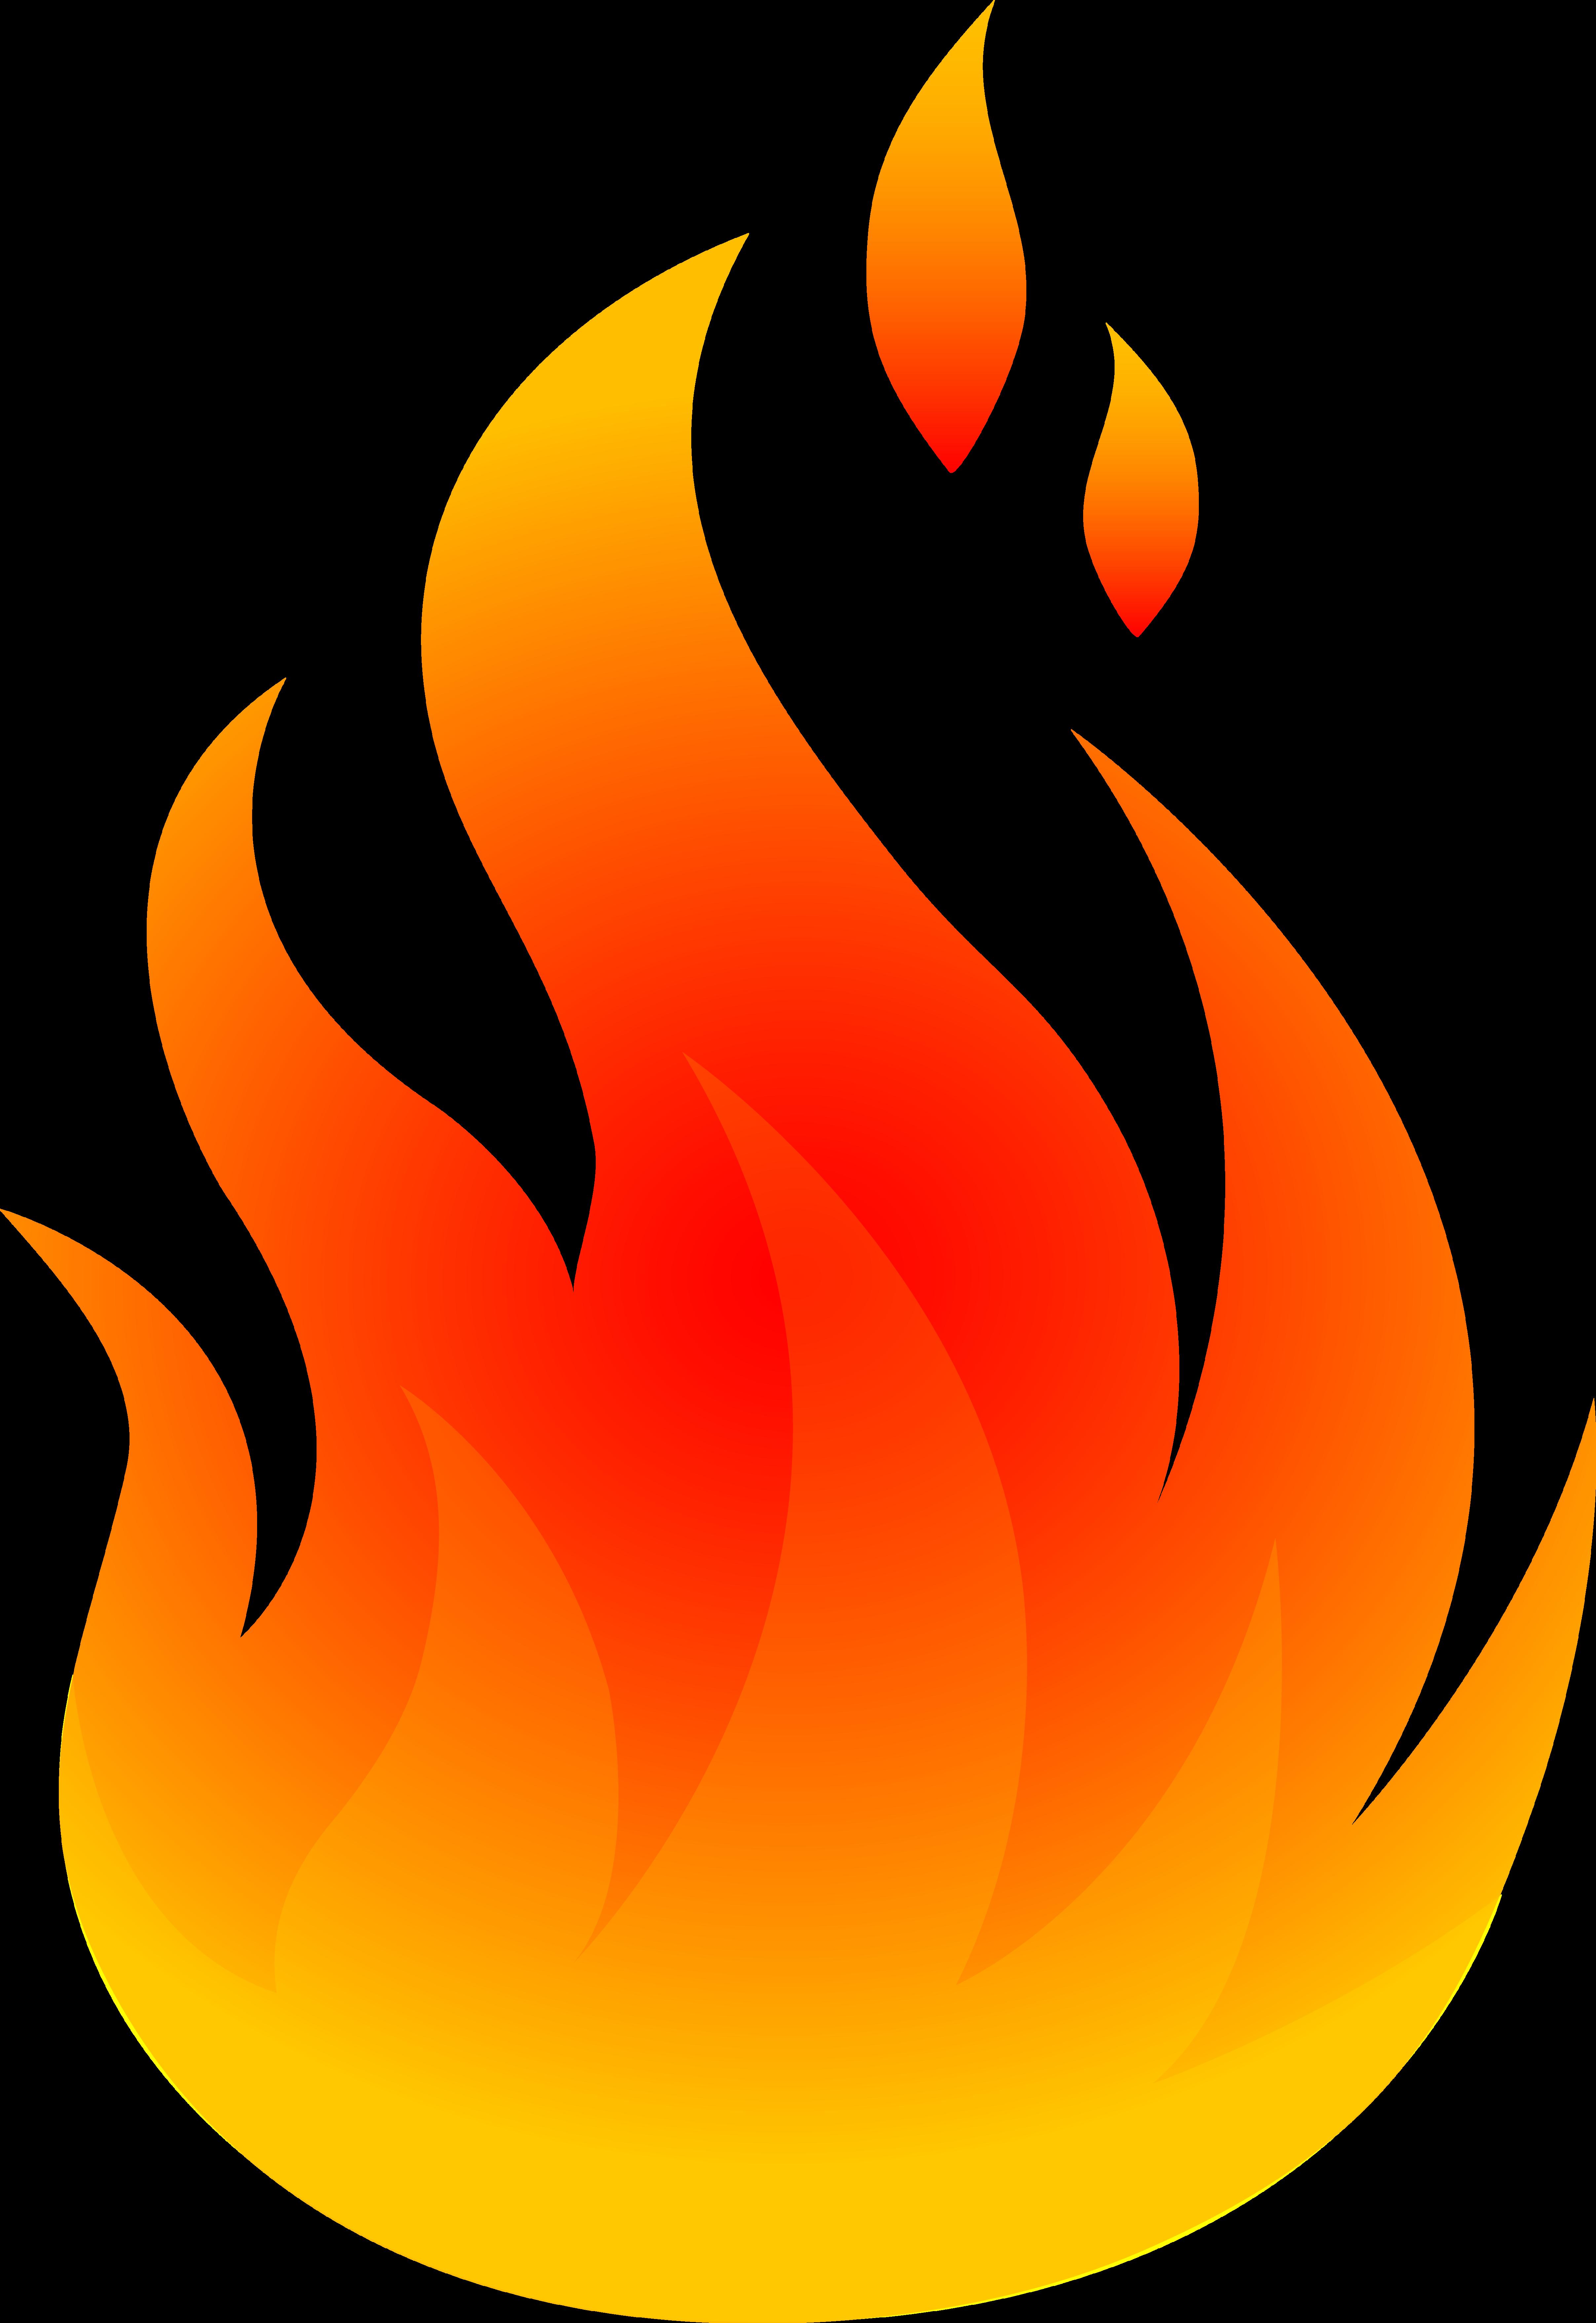 Fire Flame Clip art.